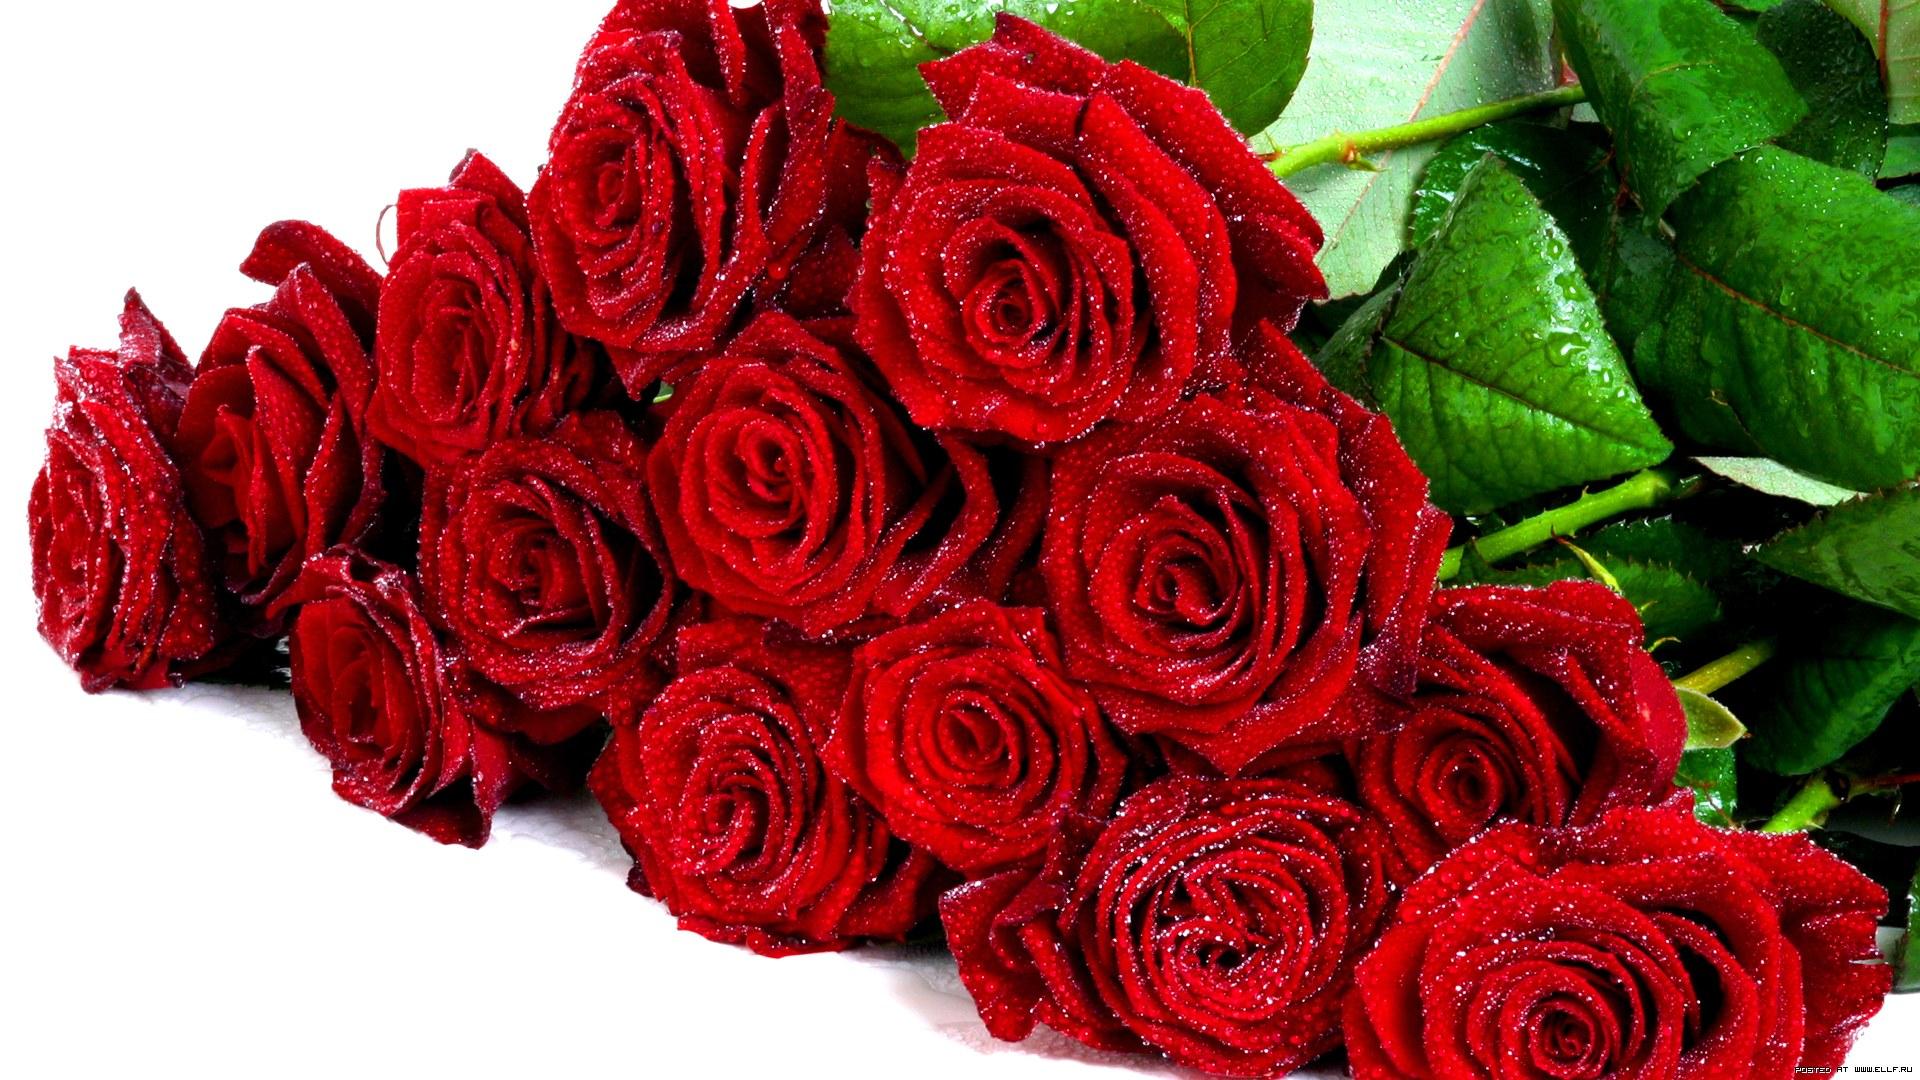 Шикарный букет красных роз 1920 x 1080